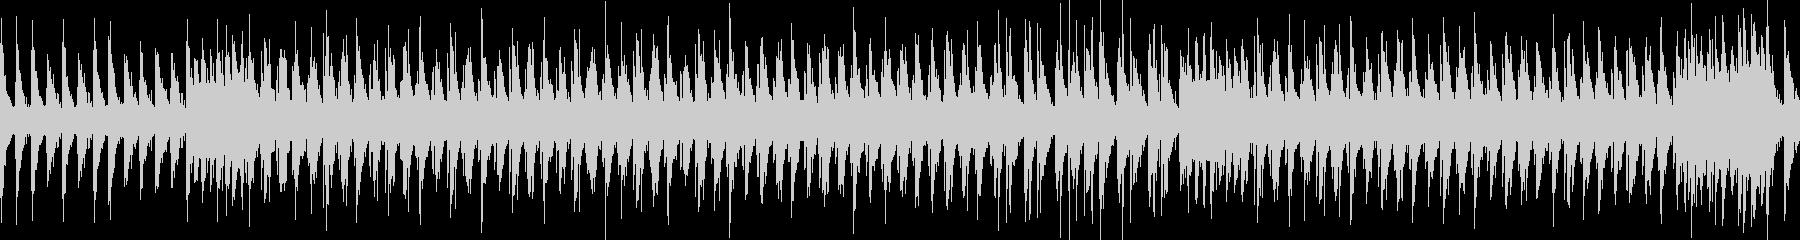 楽しげなリズムの和太鼓 祭り風の未再生の波形